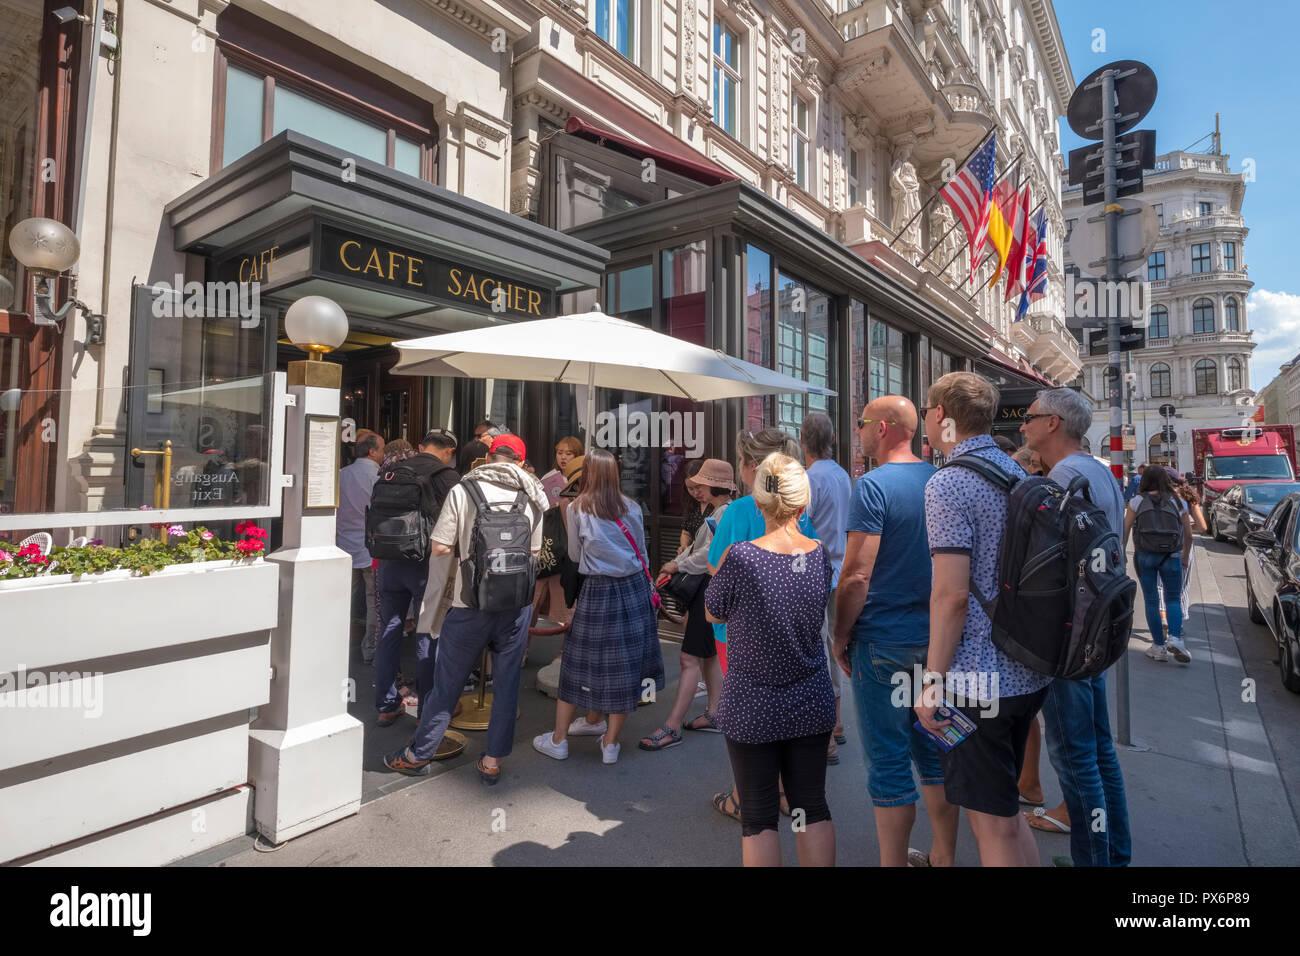 Les touristes file d'attente à l'entrée de la célèbre Café Sacher à Vienne, Autriche, Europe Photo Stock